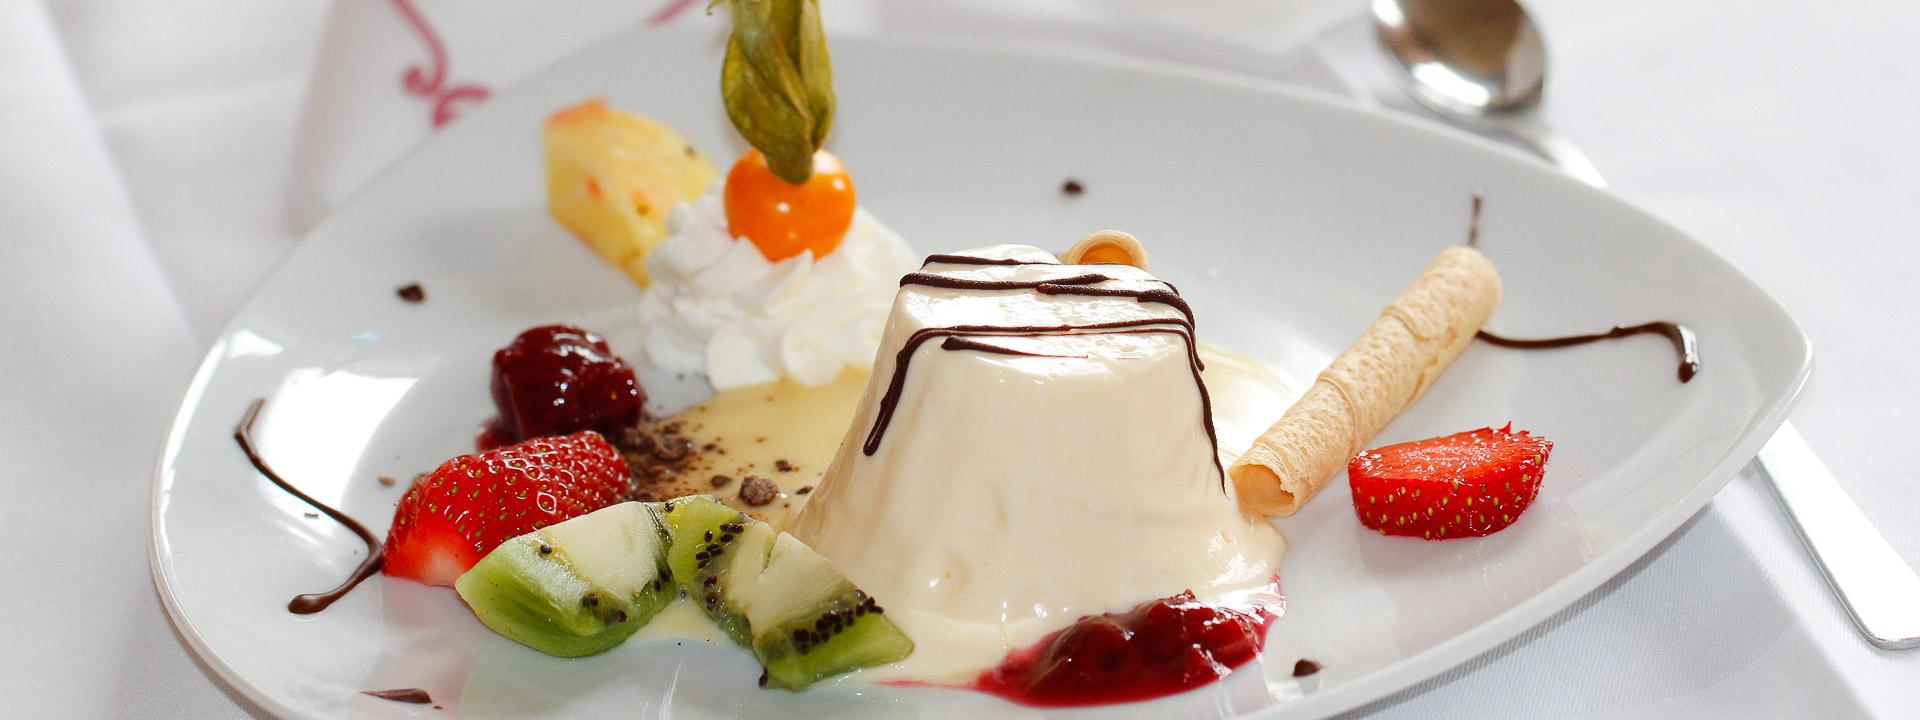 Gasthof Brauns Parfait aus weisser Schokolade